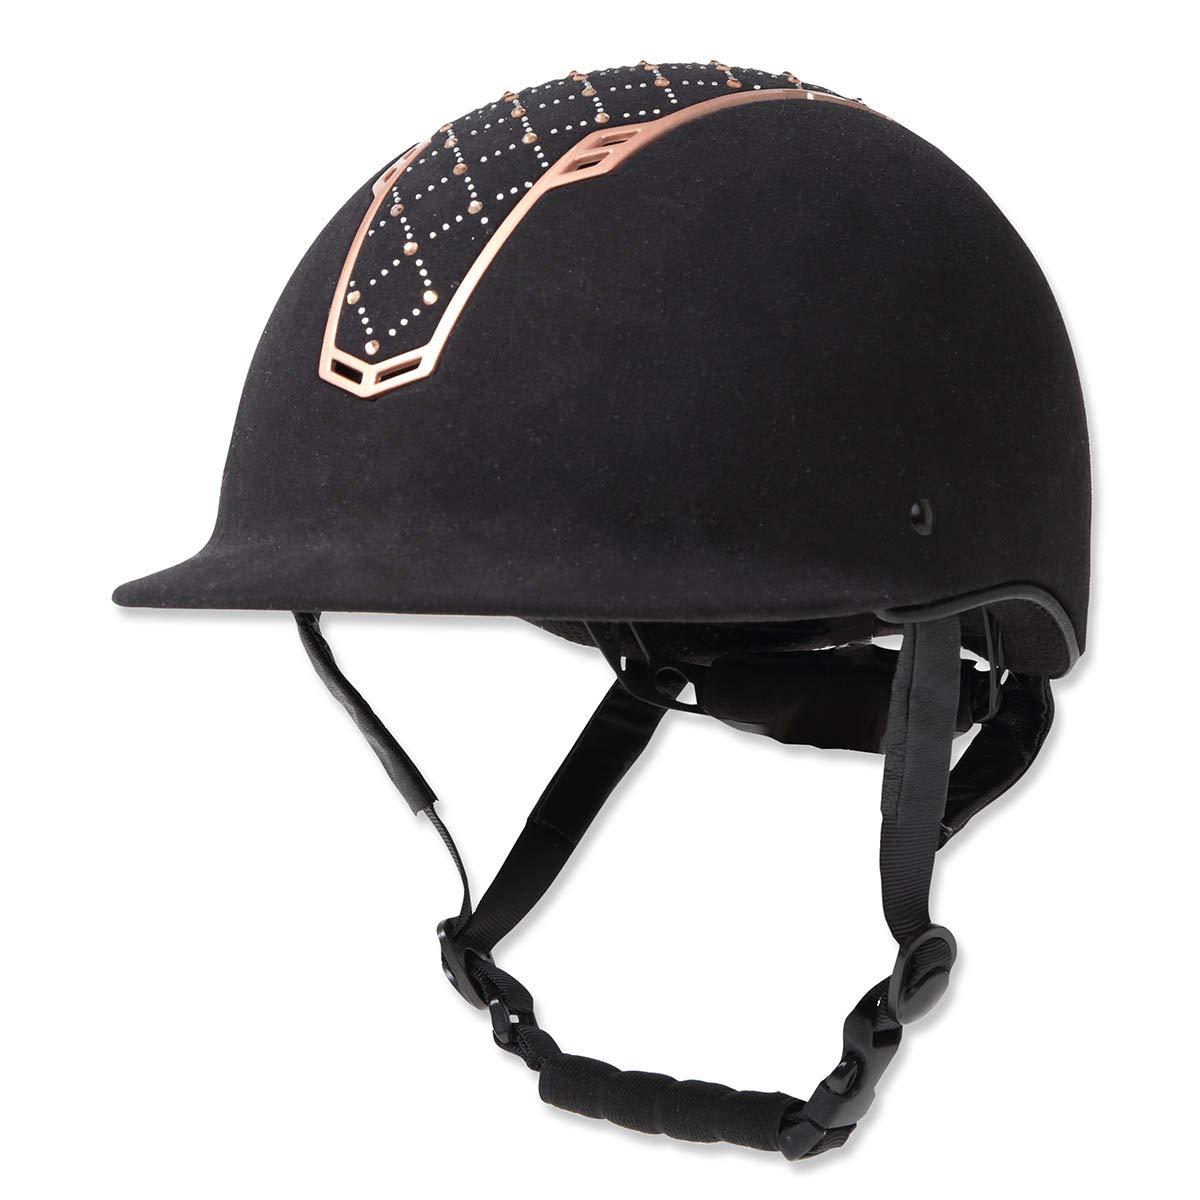 乗馬 ヘルメット プロテクター 乗馬帽 帽子 EQULIBERTA グレイス ベルベットダイヤル調整ヘルメット 乗馬用品 馬具 Medium  B07MC9MPVT